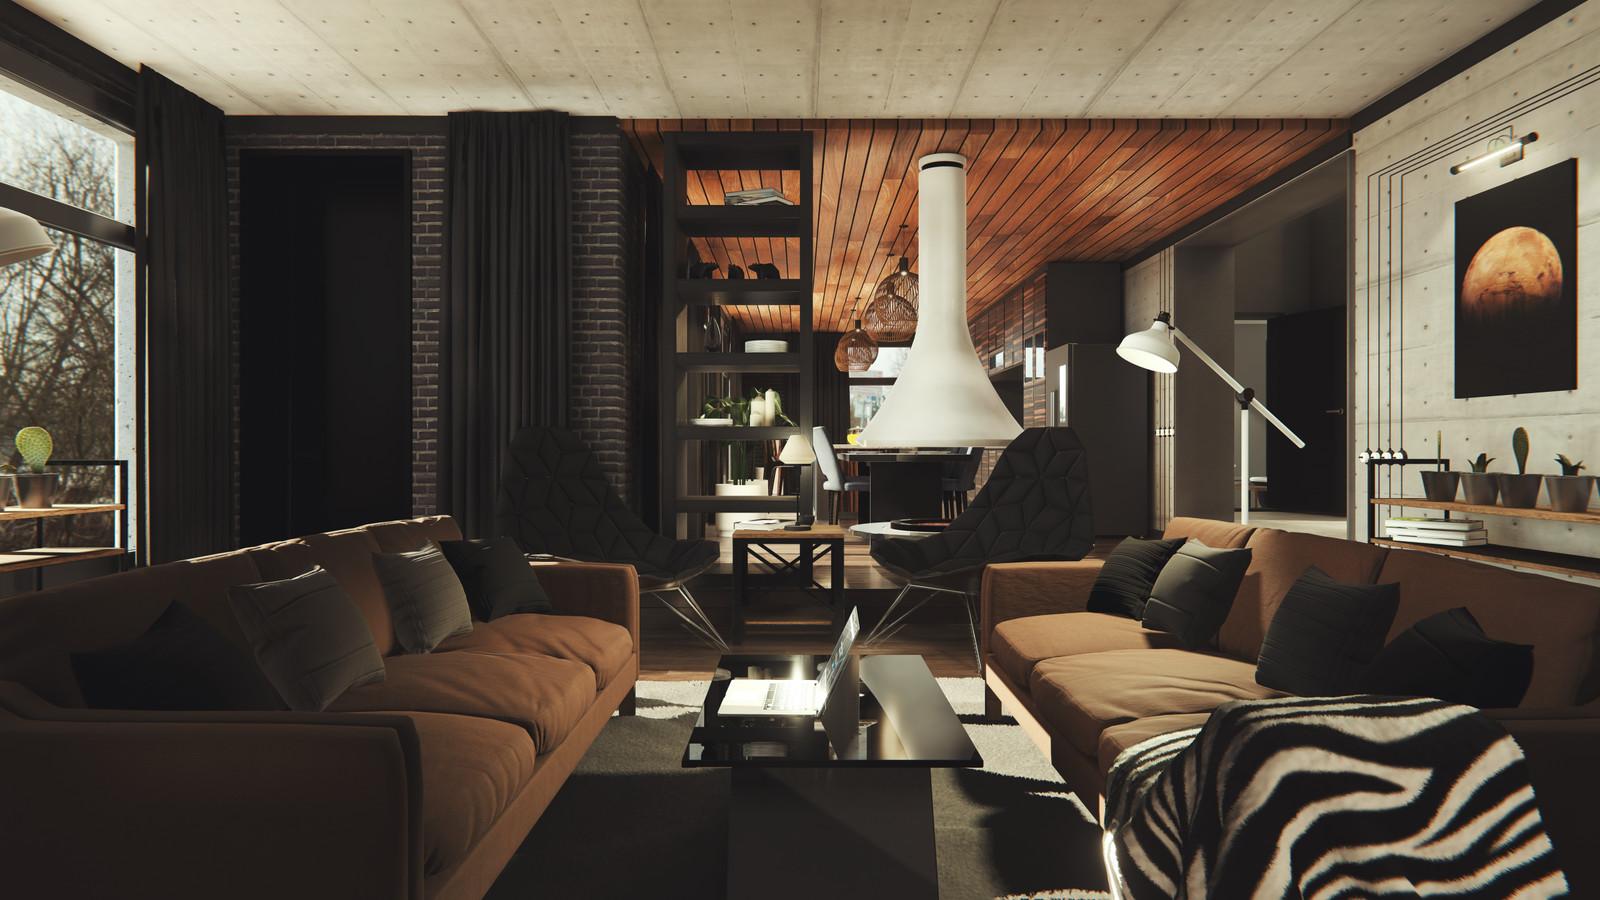 Modern Loft Interior Vol.1